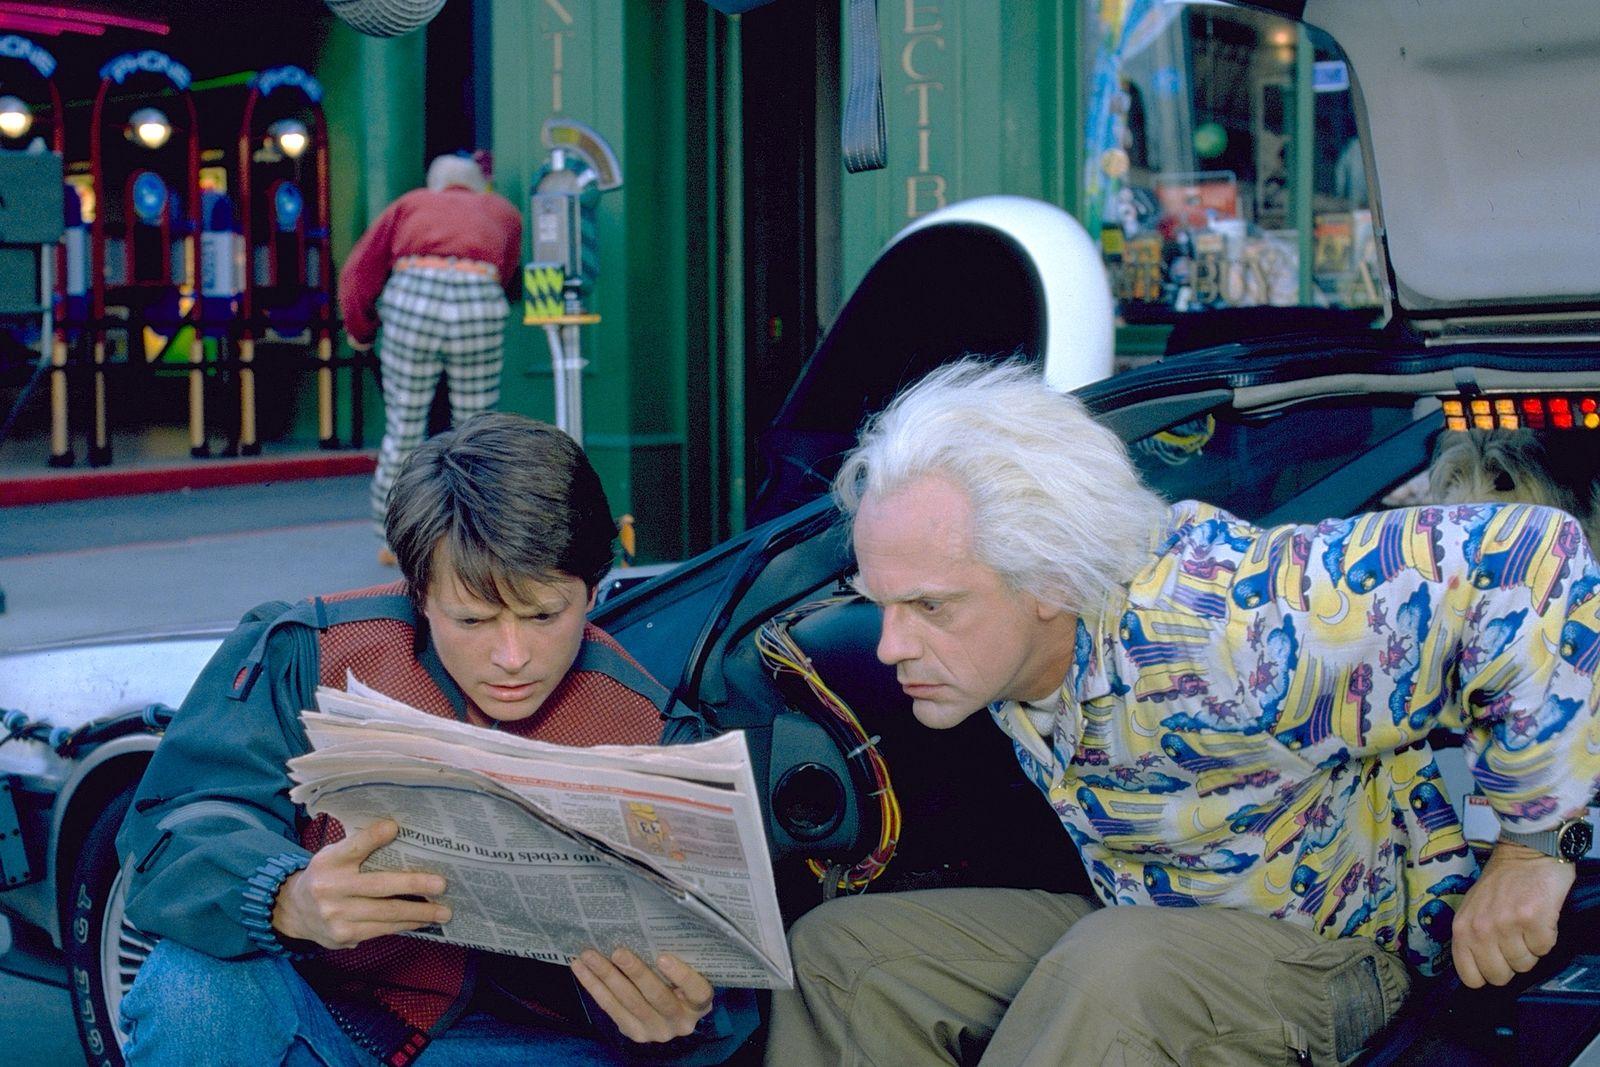 Înapoi în viitor 2 - Back to the Future 2 (1989) Online Subtitrat in Romana